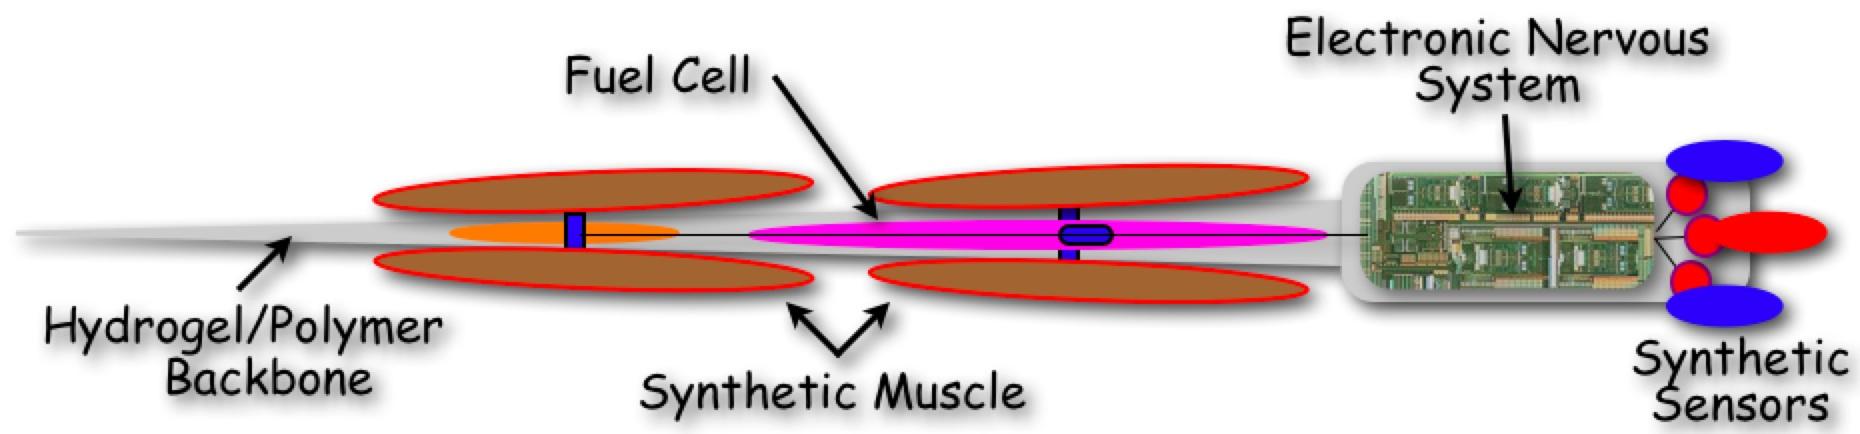 CyberplasmVehicle